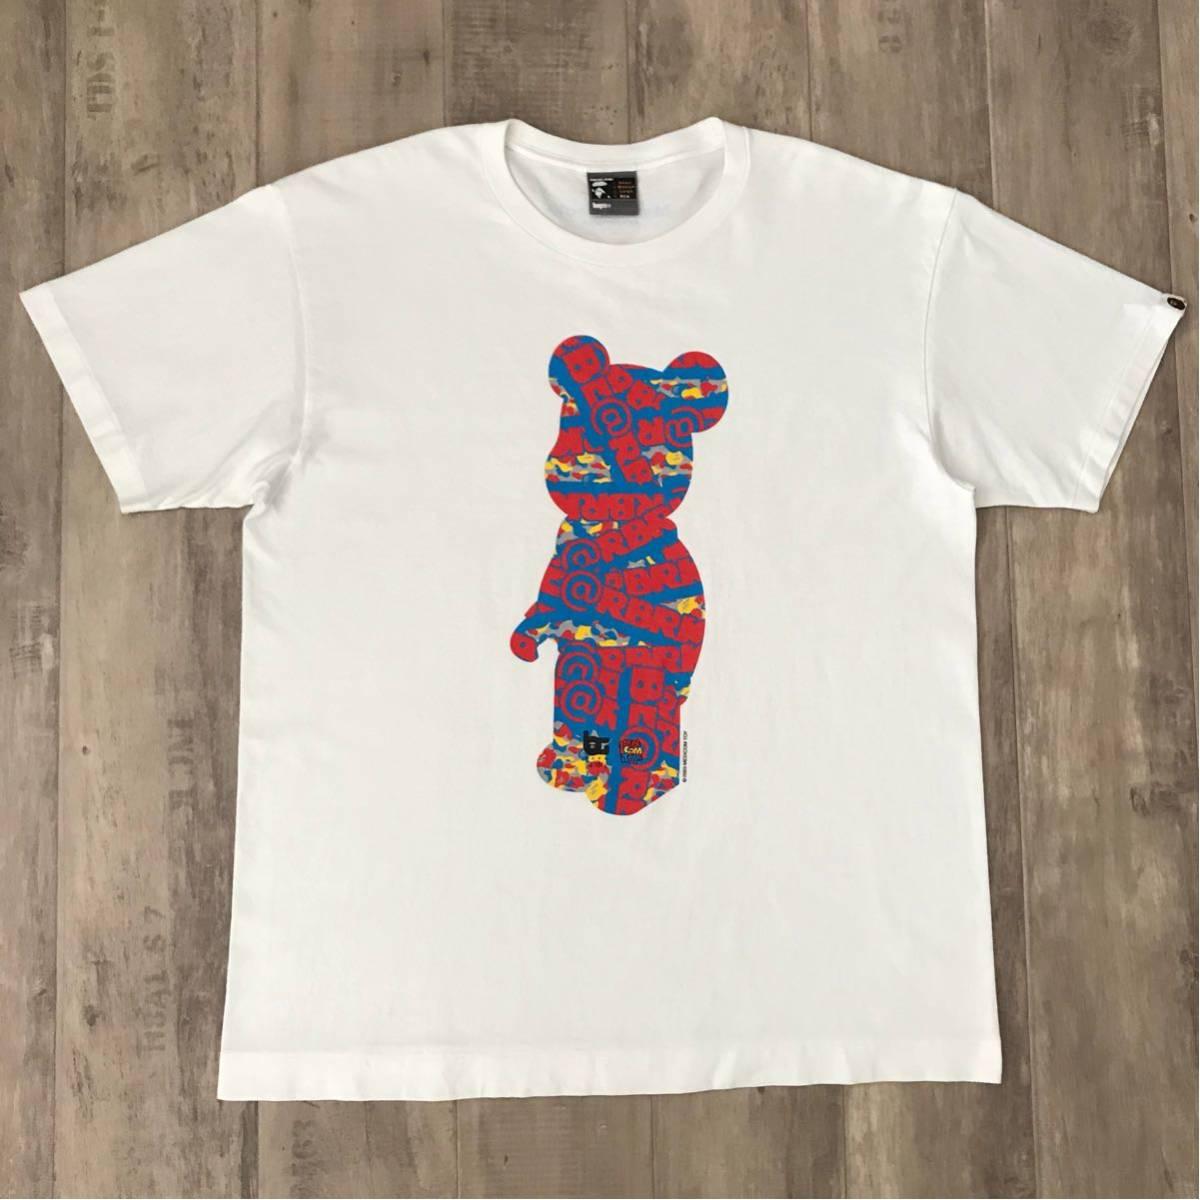 ★激レア★ medicom toy × bape gallery キューブリック Tシャツ XLサイズ a bathing ape エイプ ベイプ アベイシングエイプ ベアブリック_画像1